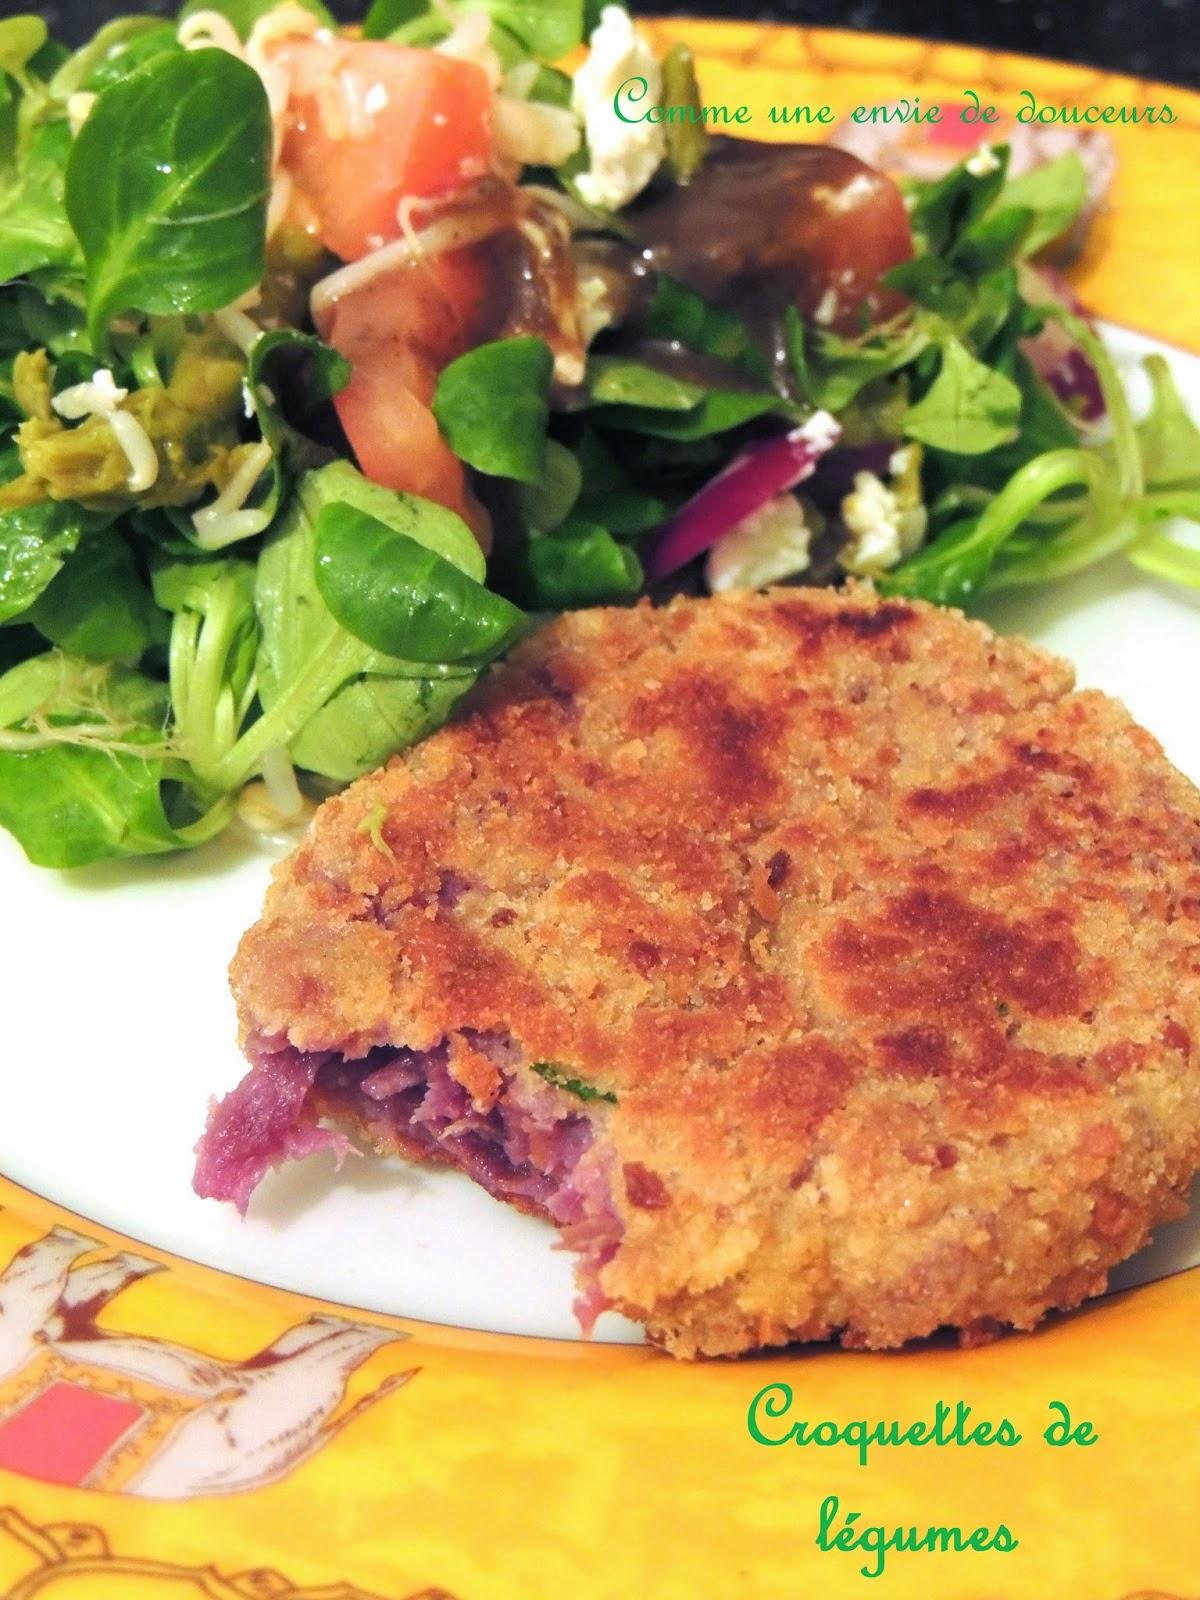 Croquettes de légumes –  Veggie patties